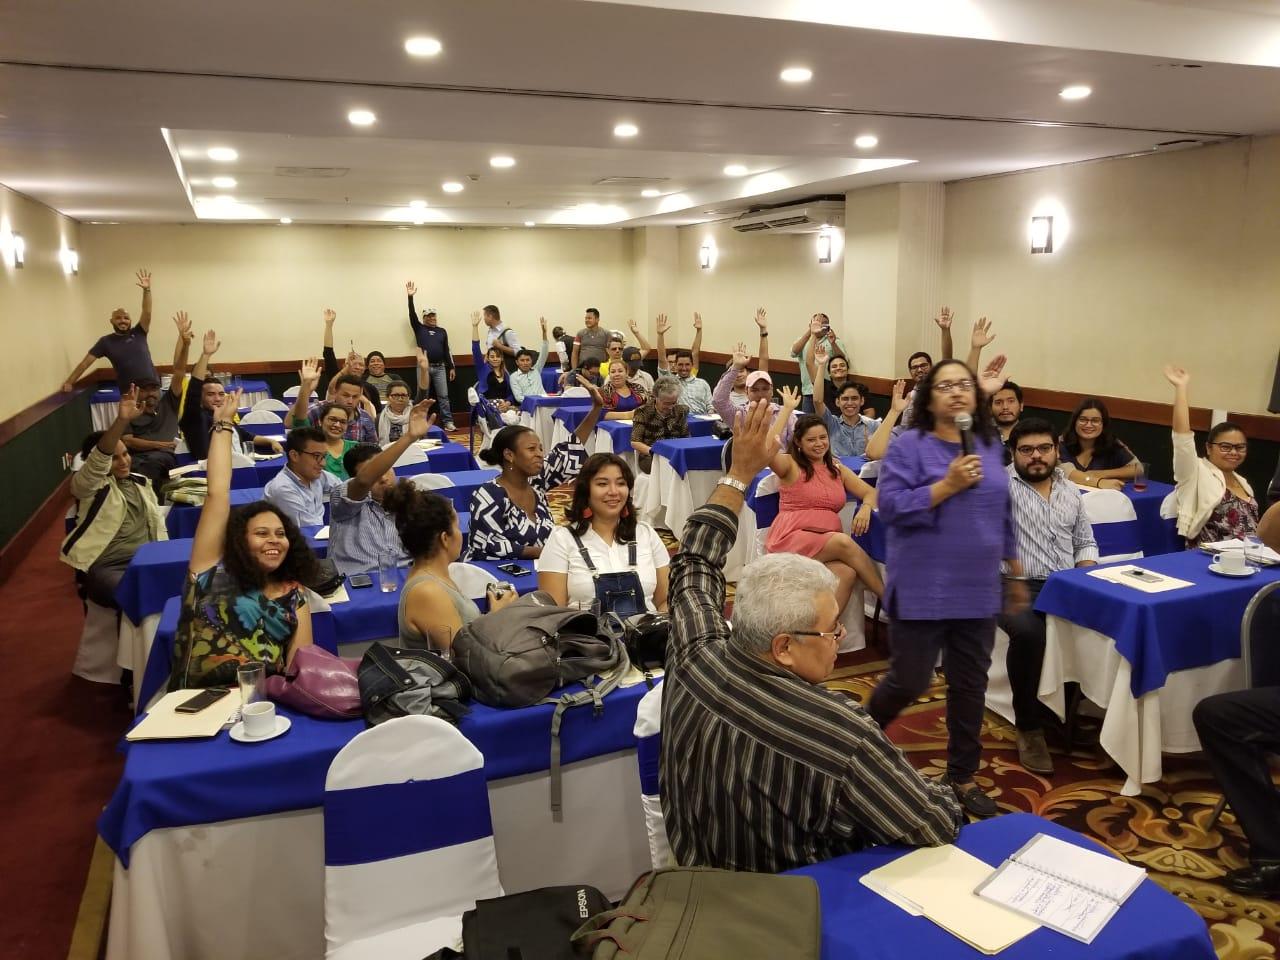 Nueva organización de periodistas en ruptura histórica con pasado gremial